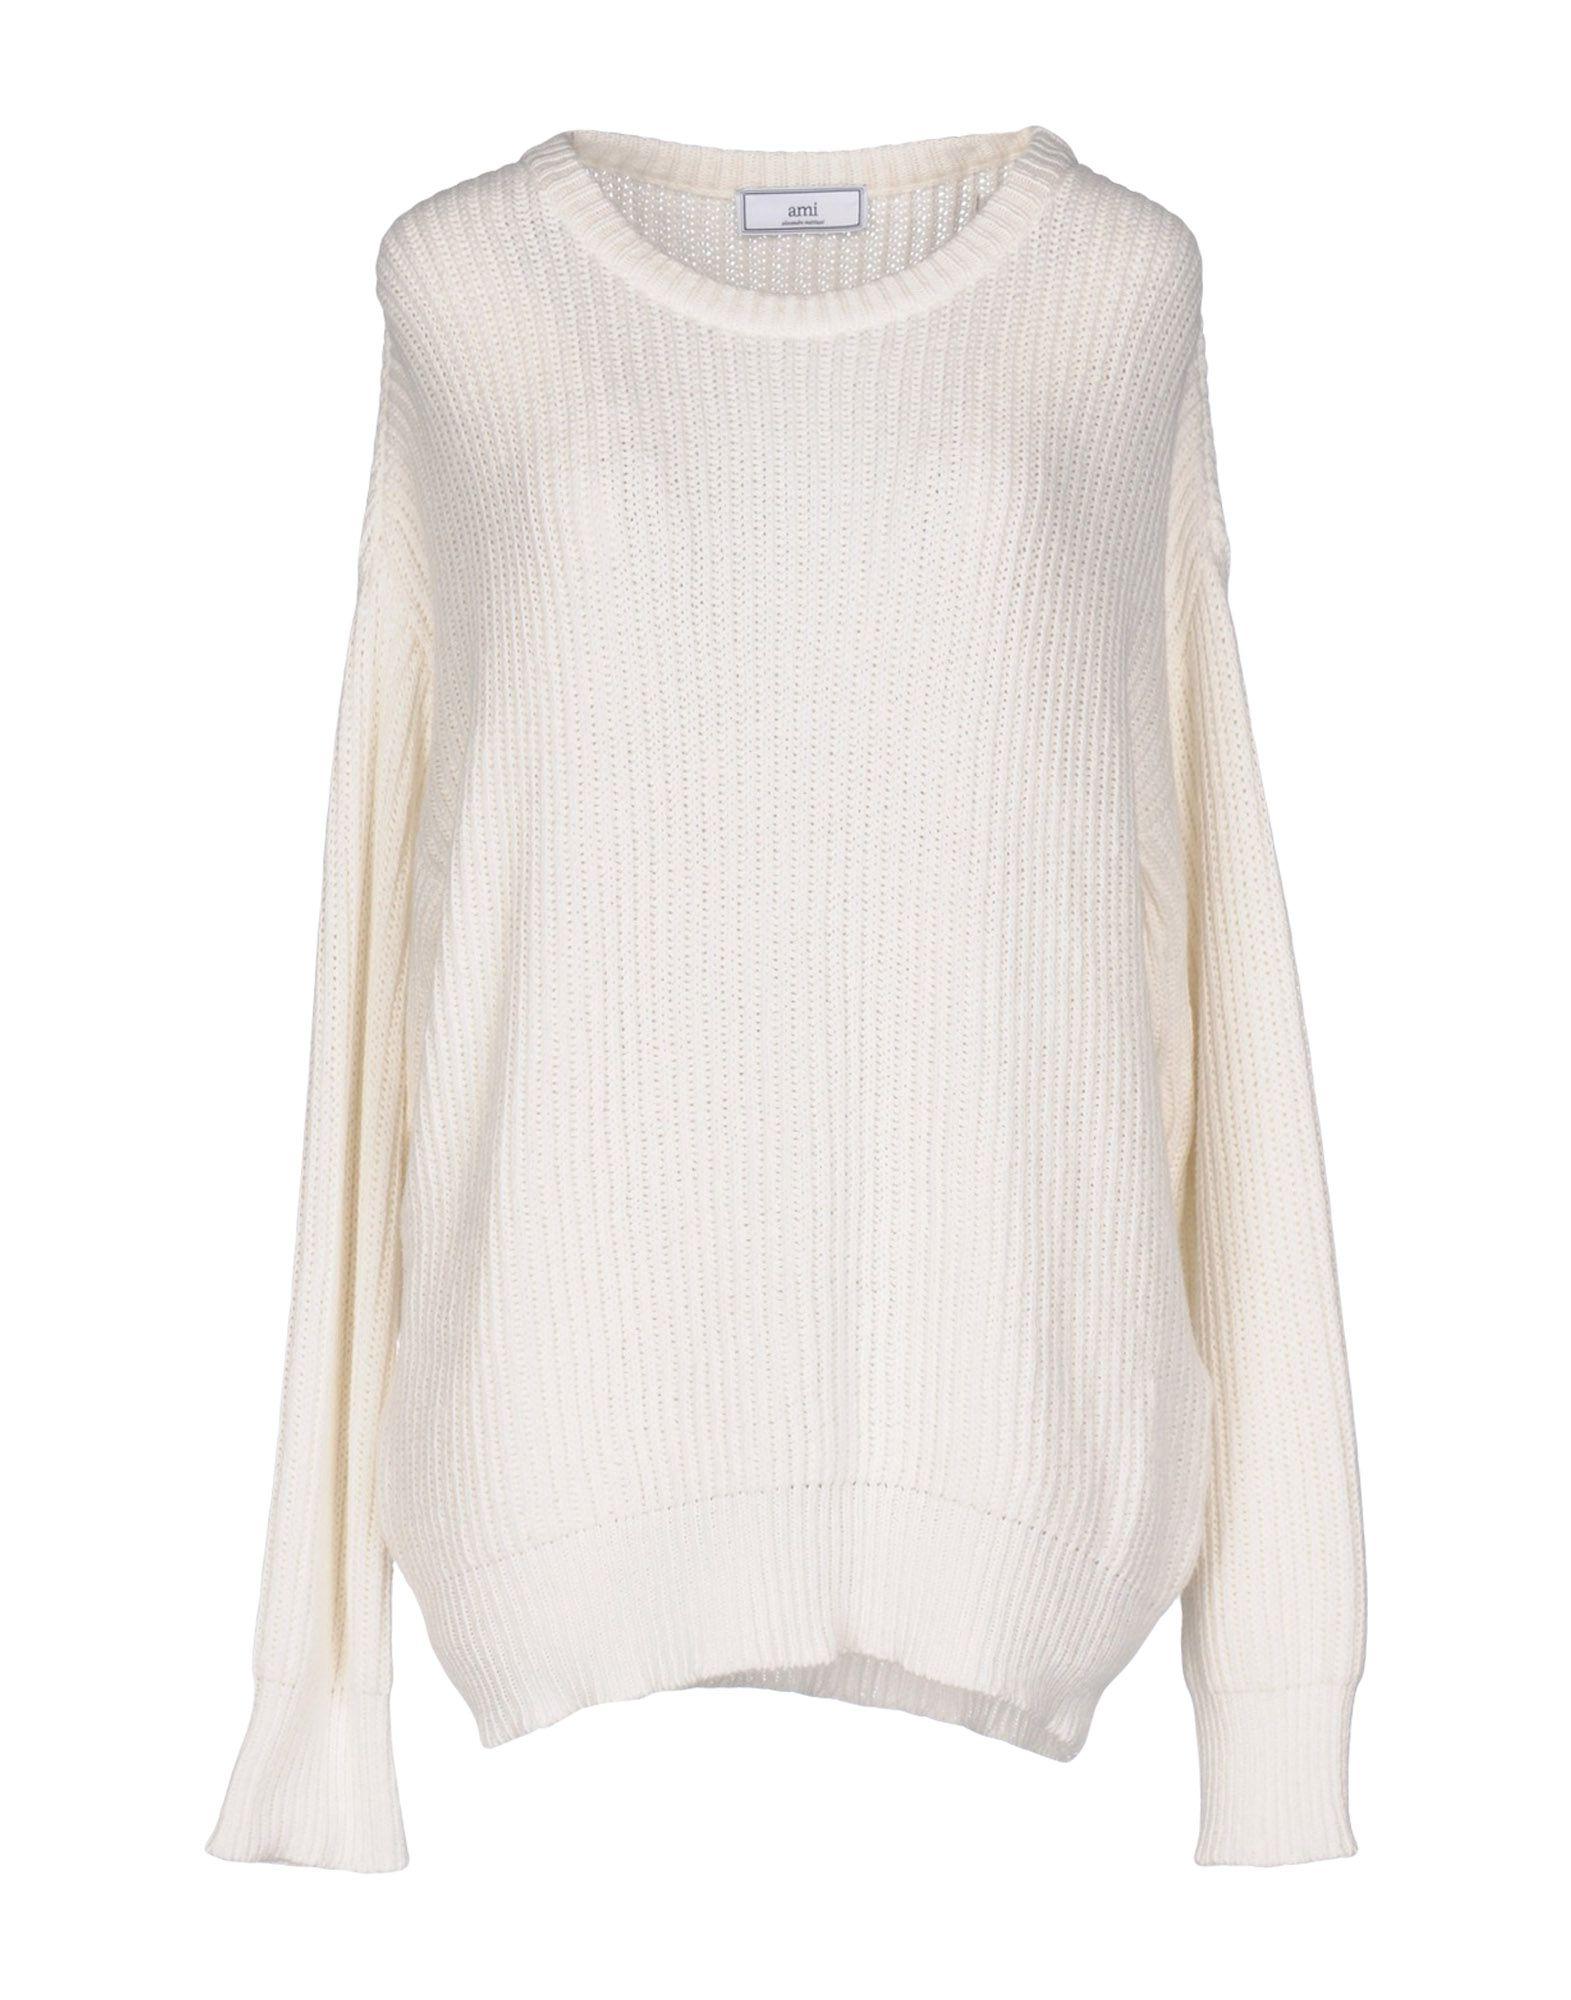 AMI ALEXANDRE MATTIUSSI Sweater in White